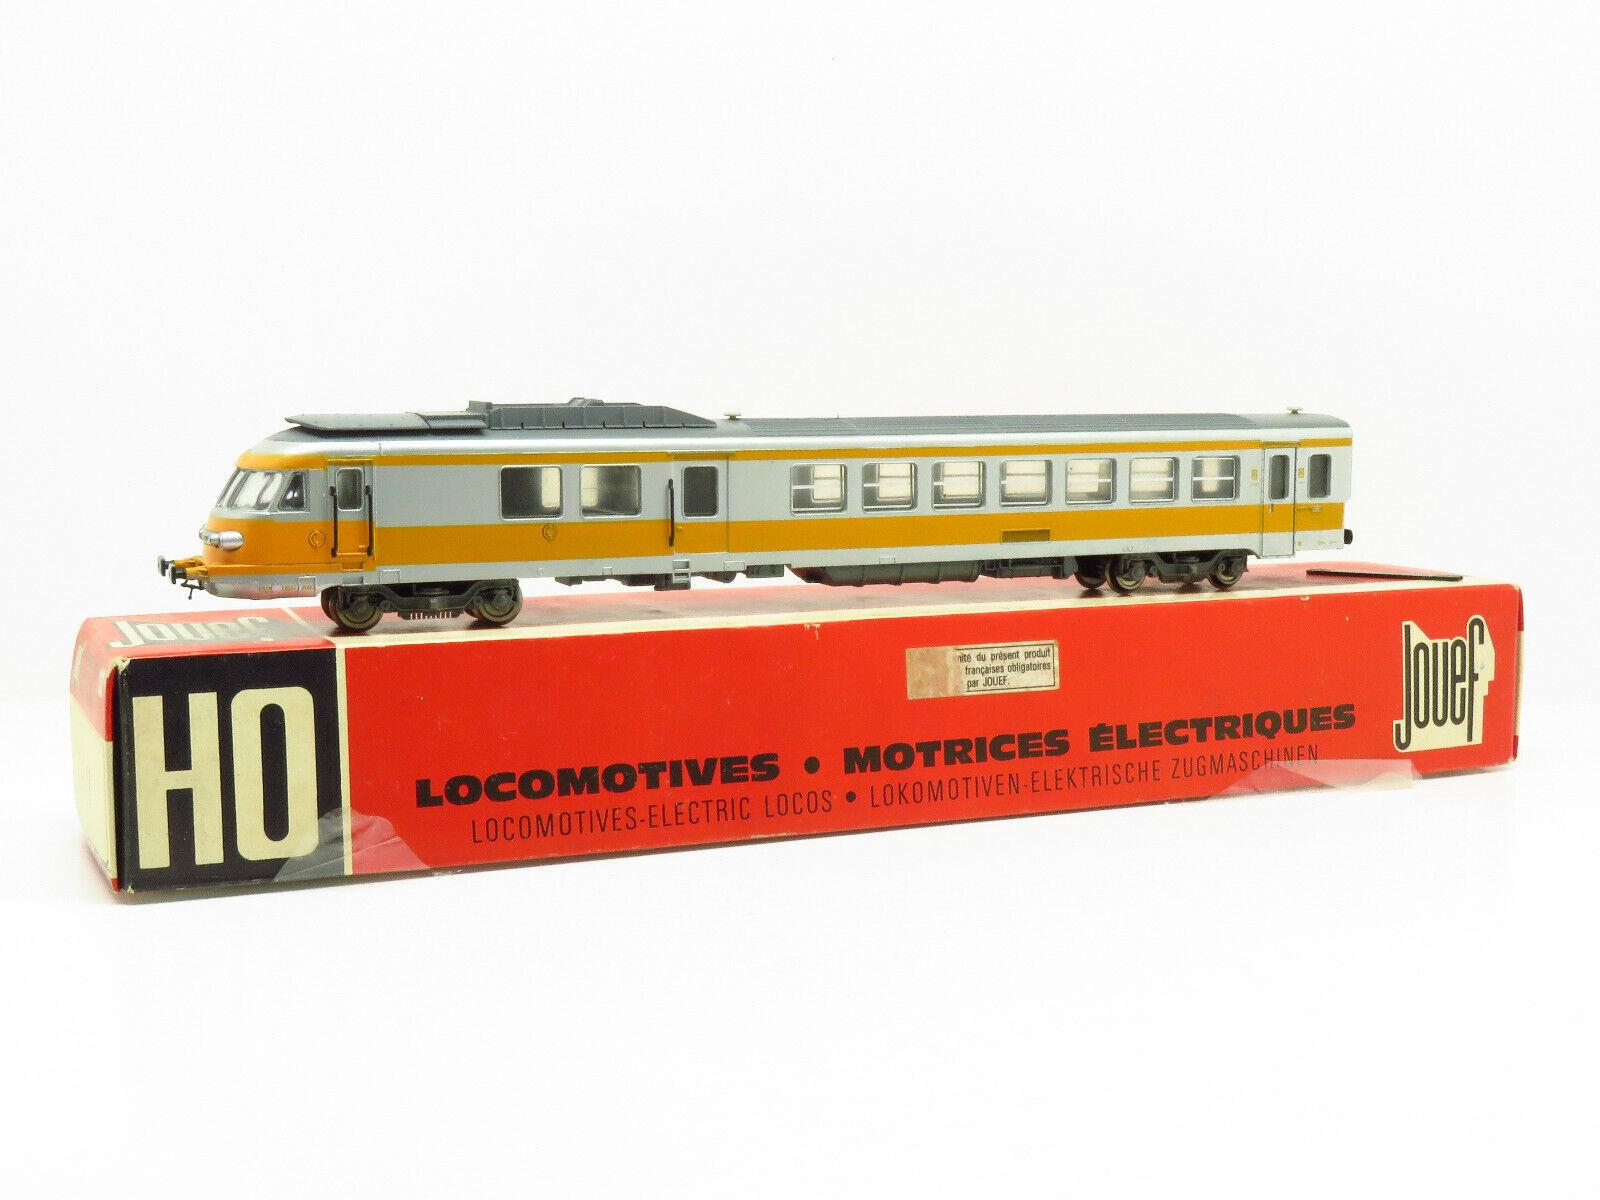 JOUEF MOTRICE TURBOTRAIN RTG DE LA SNCF REF. 8611 - ECHELLE H0 1 87 - AVEC BOITE